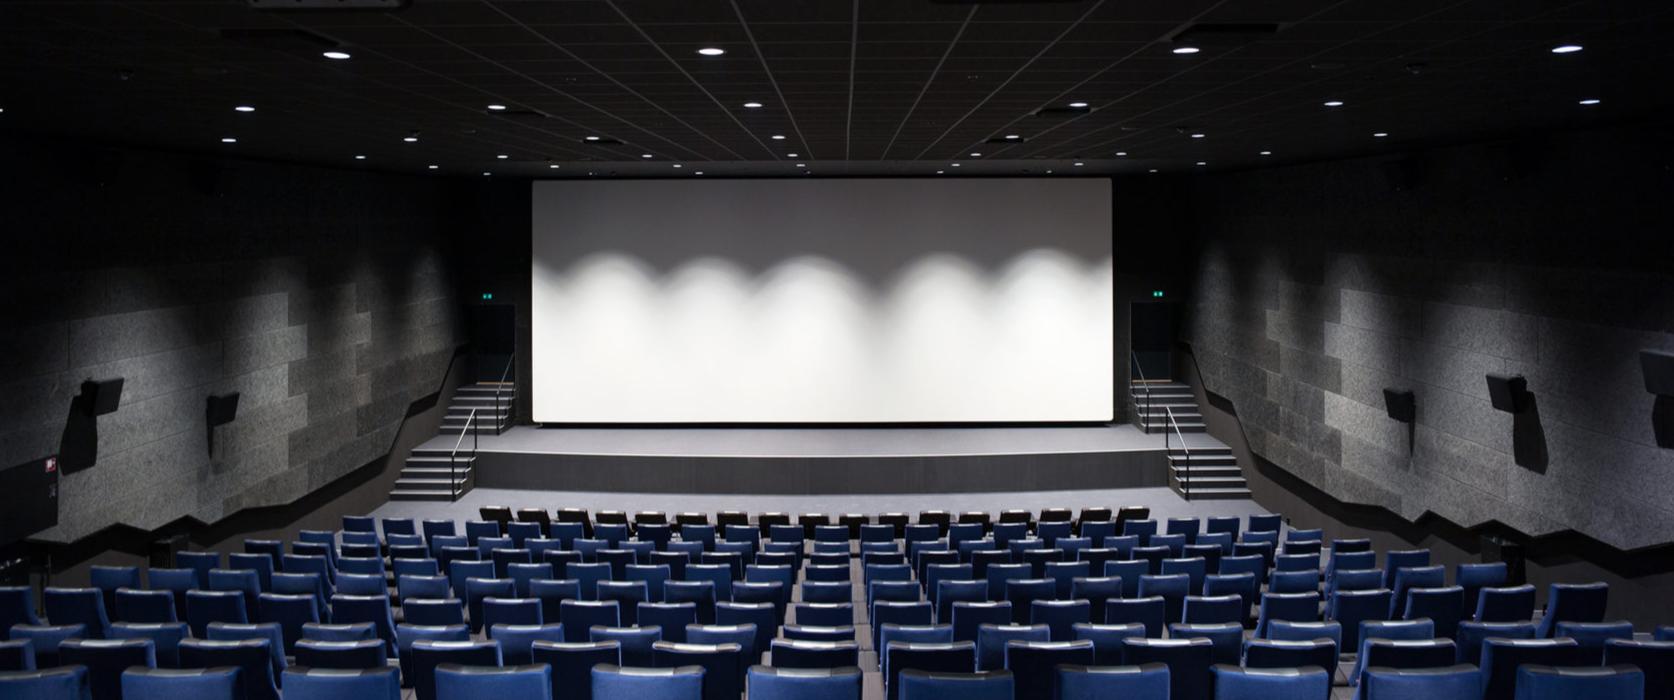 Экраны для проектора в кинотеатрах: что нужно знать при покупке